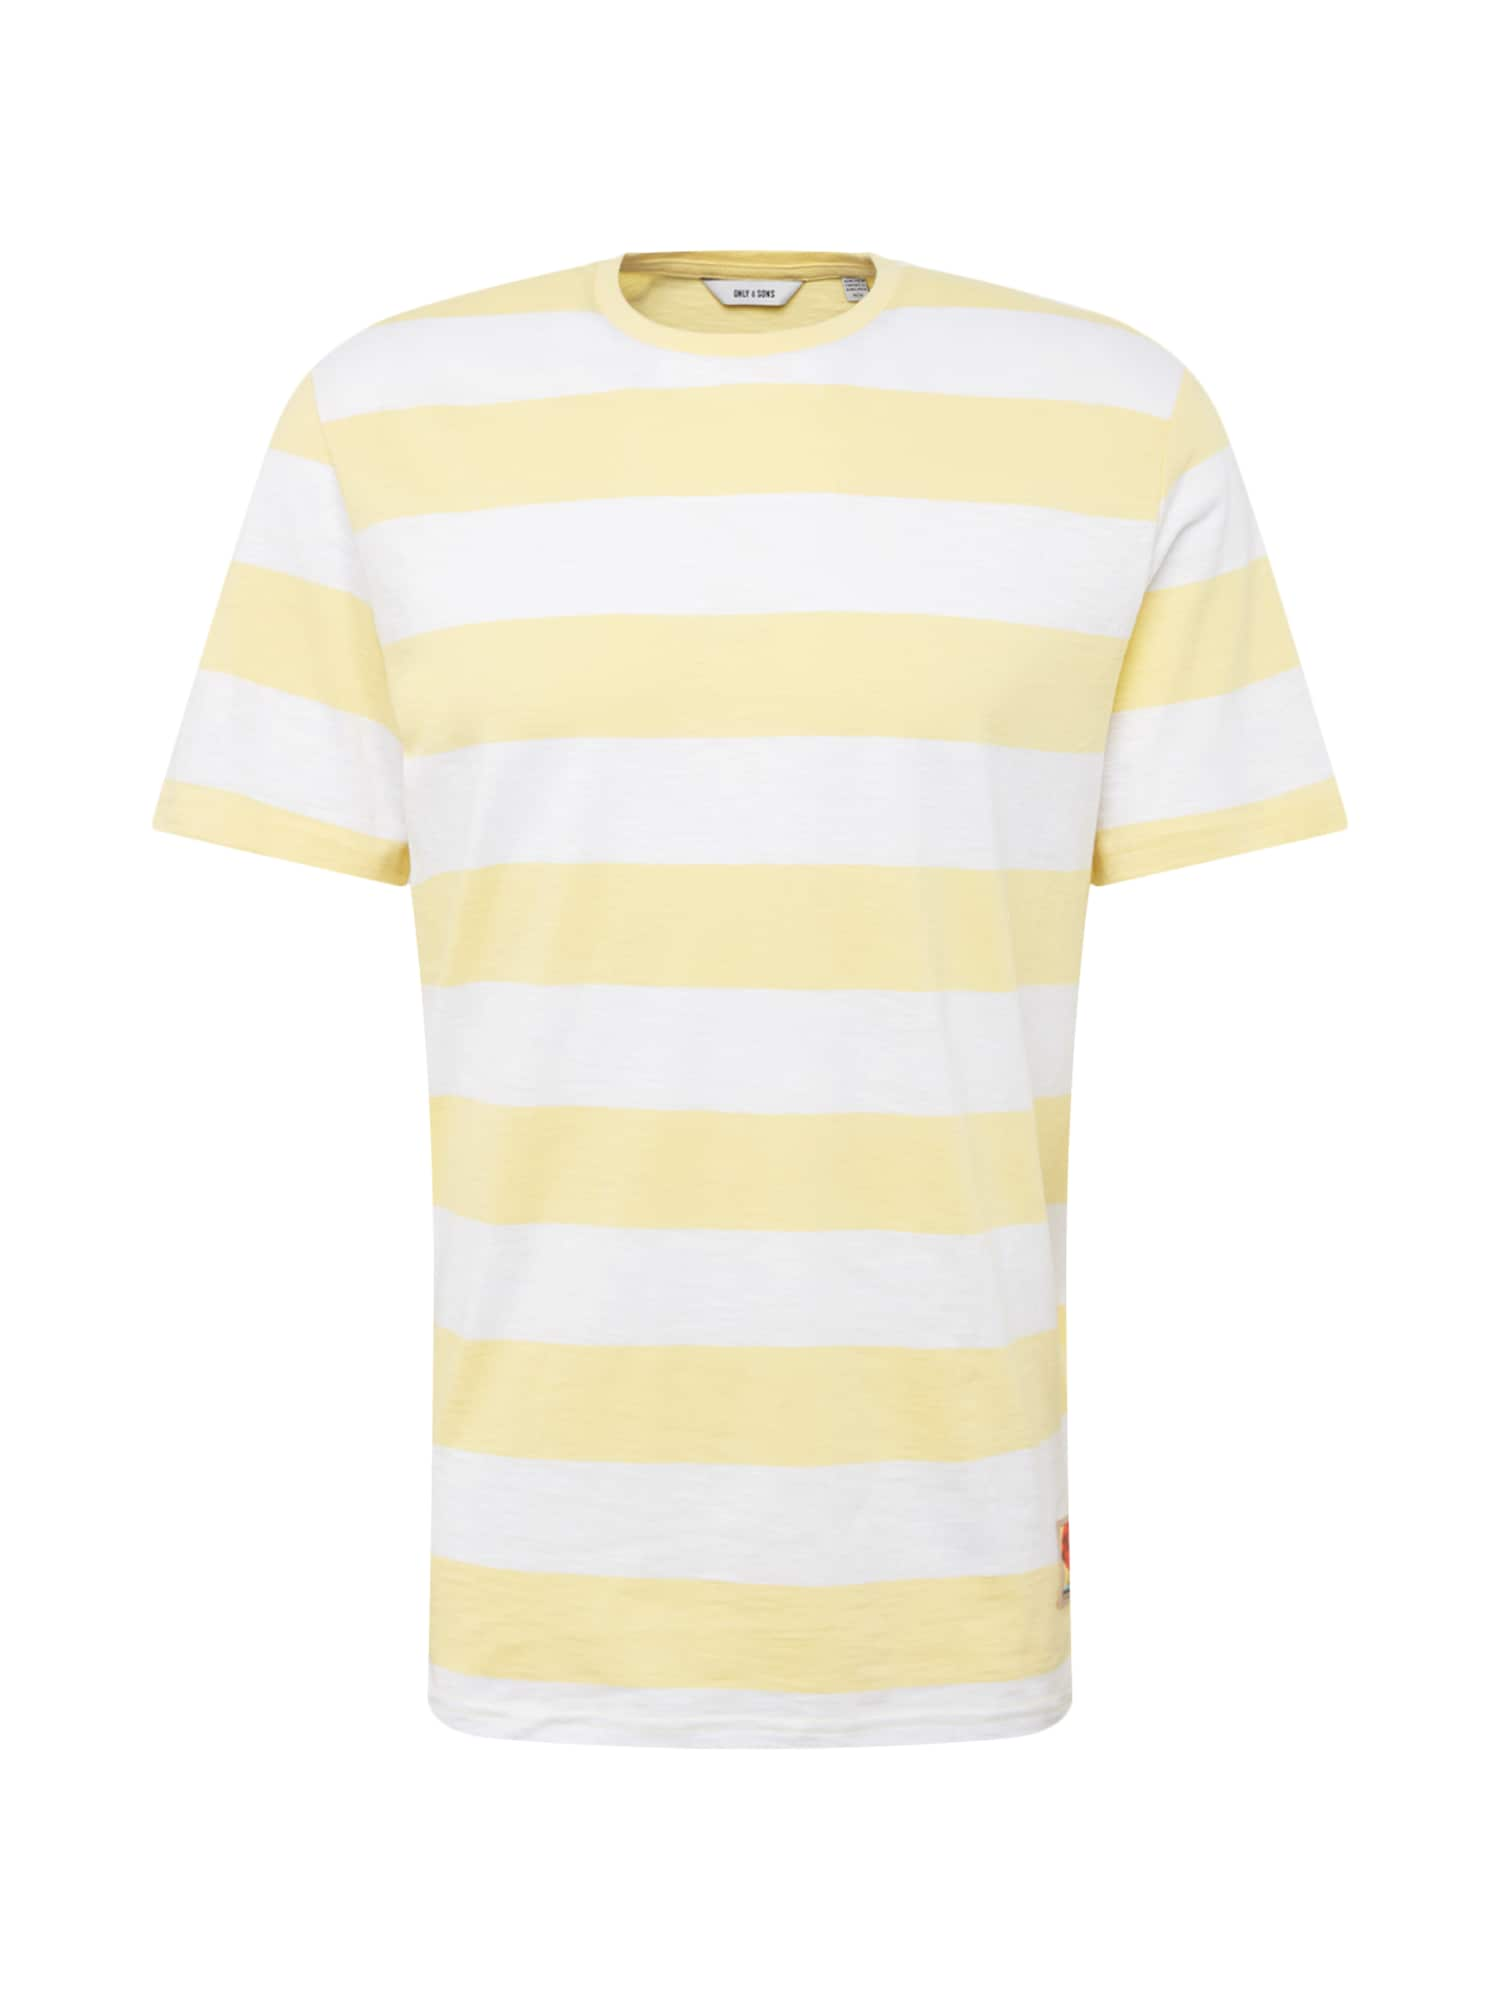 Tričko PATTERSON žlutá bílá Only & Sons